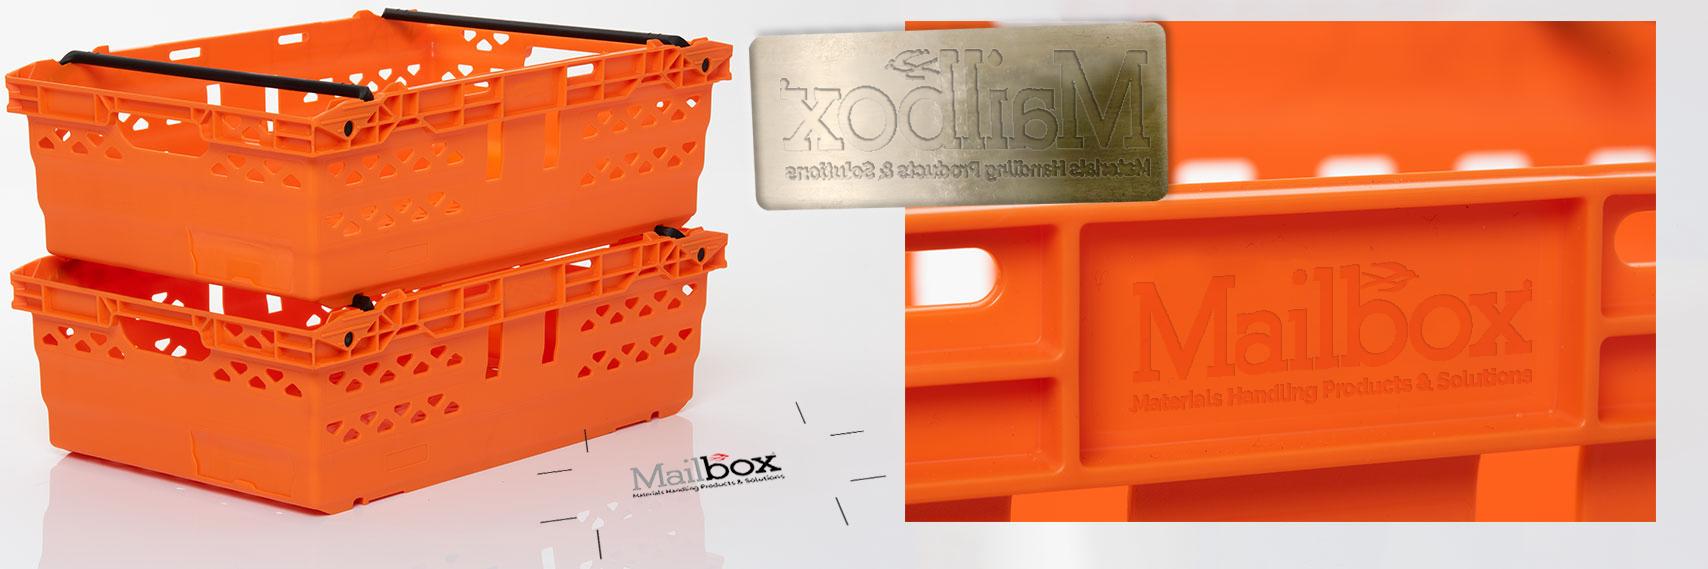 Food-container-printing-die-stamping